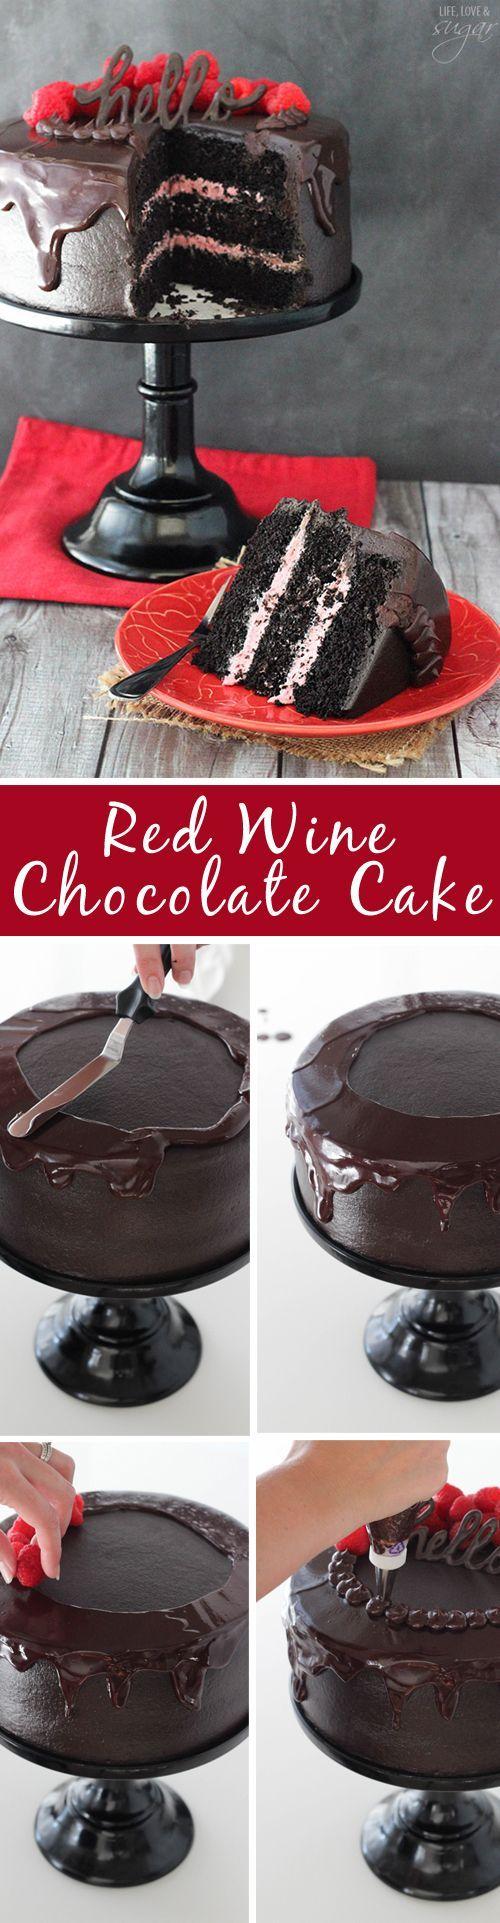 Red Wine Chocolate Cake Receta Pasteles Deliciosos Tortas Y Postres